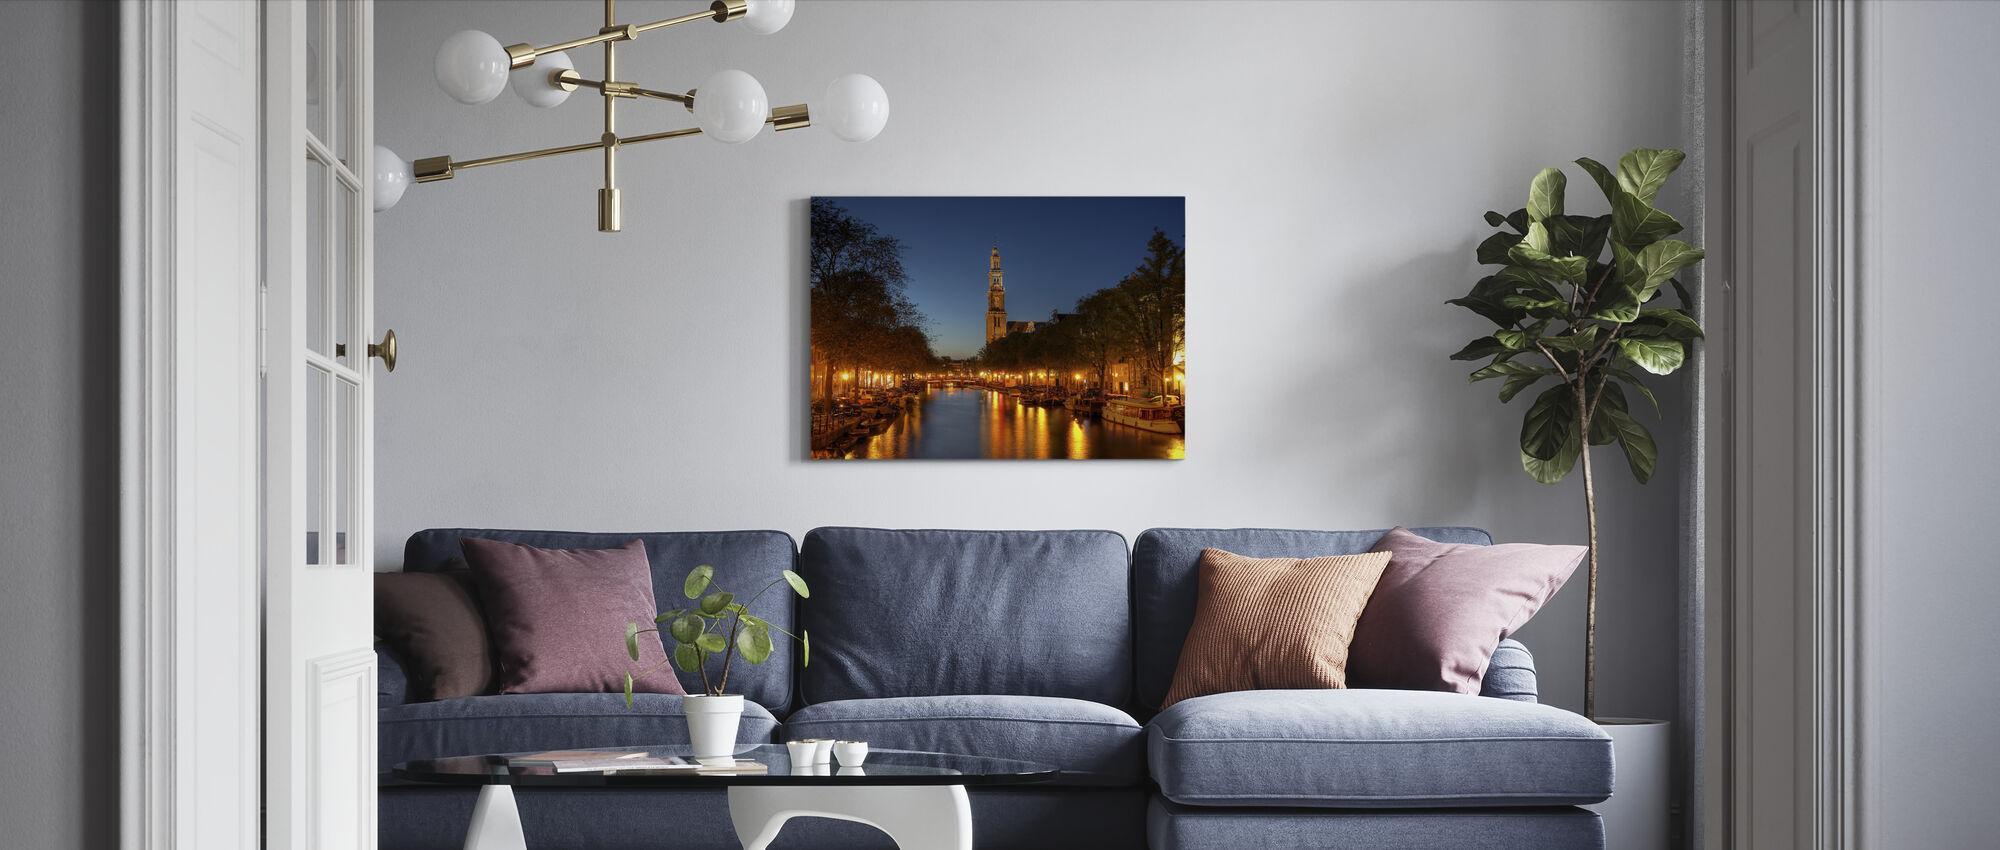 Prinsengracht Canal in Amsterdam - Billede på lærred - Stue